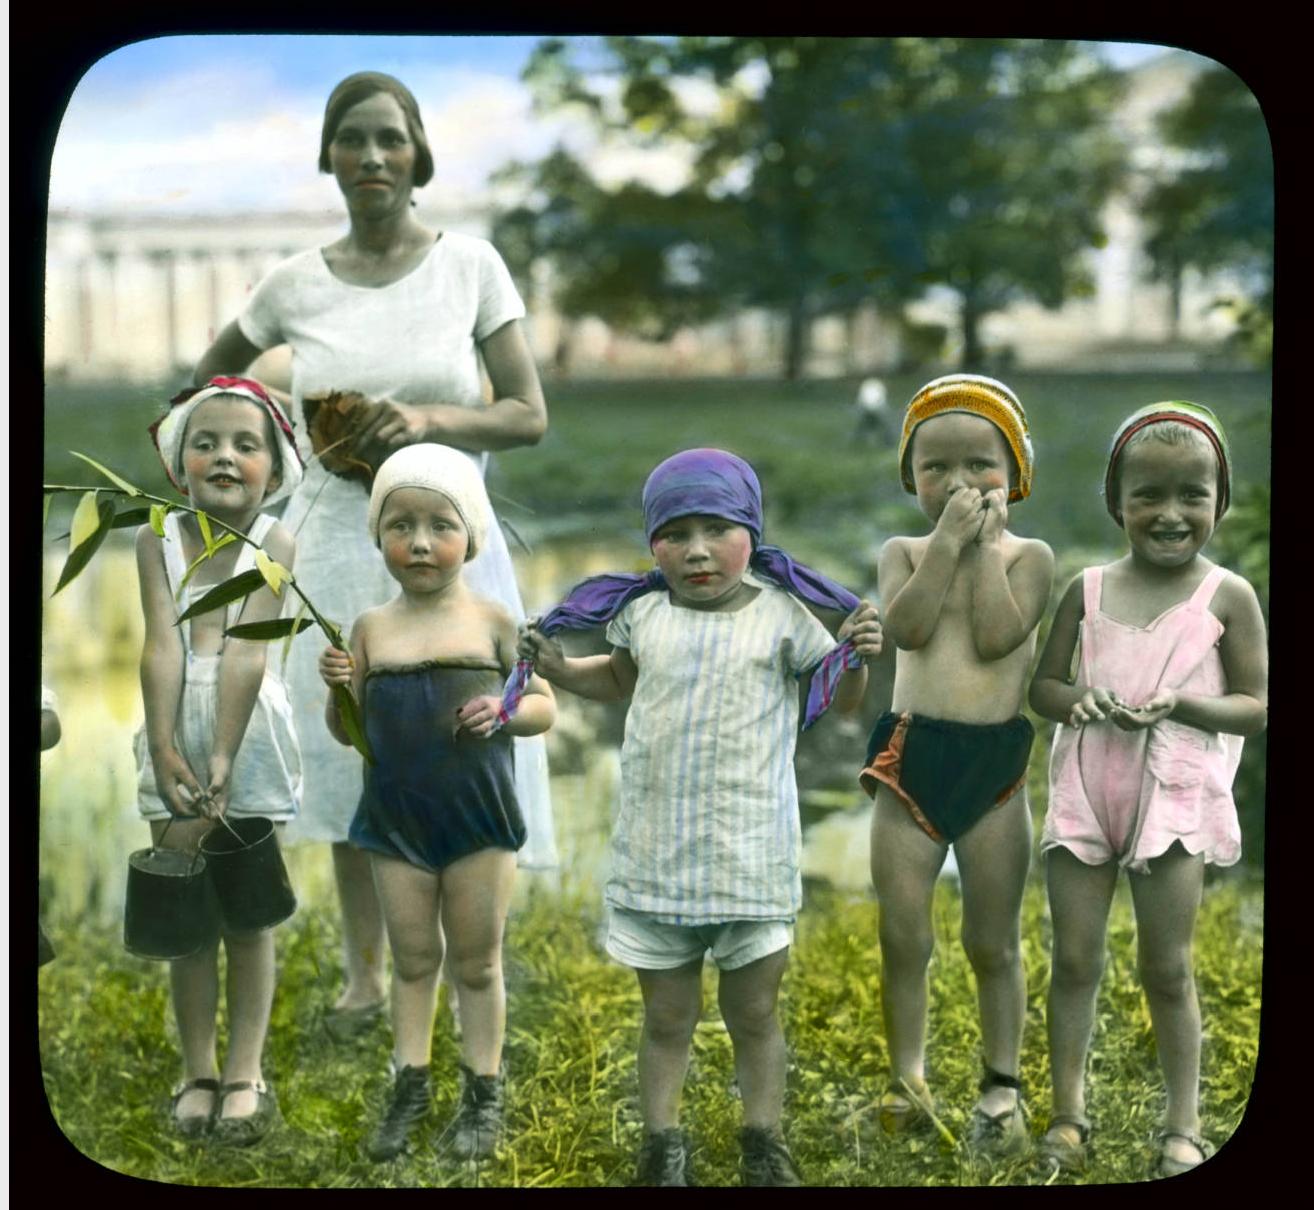 Пушкин (Царское Село). Парк Екатерининского дворца: группа детей с их воспитательницей